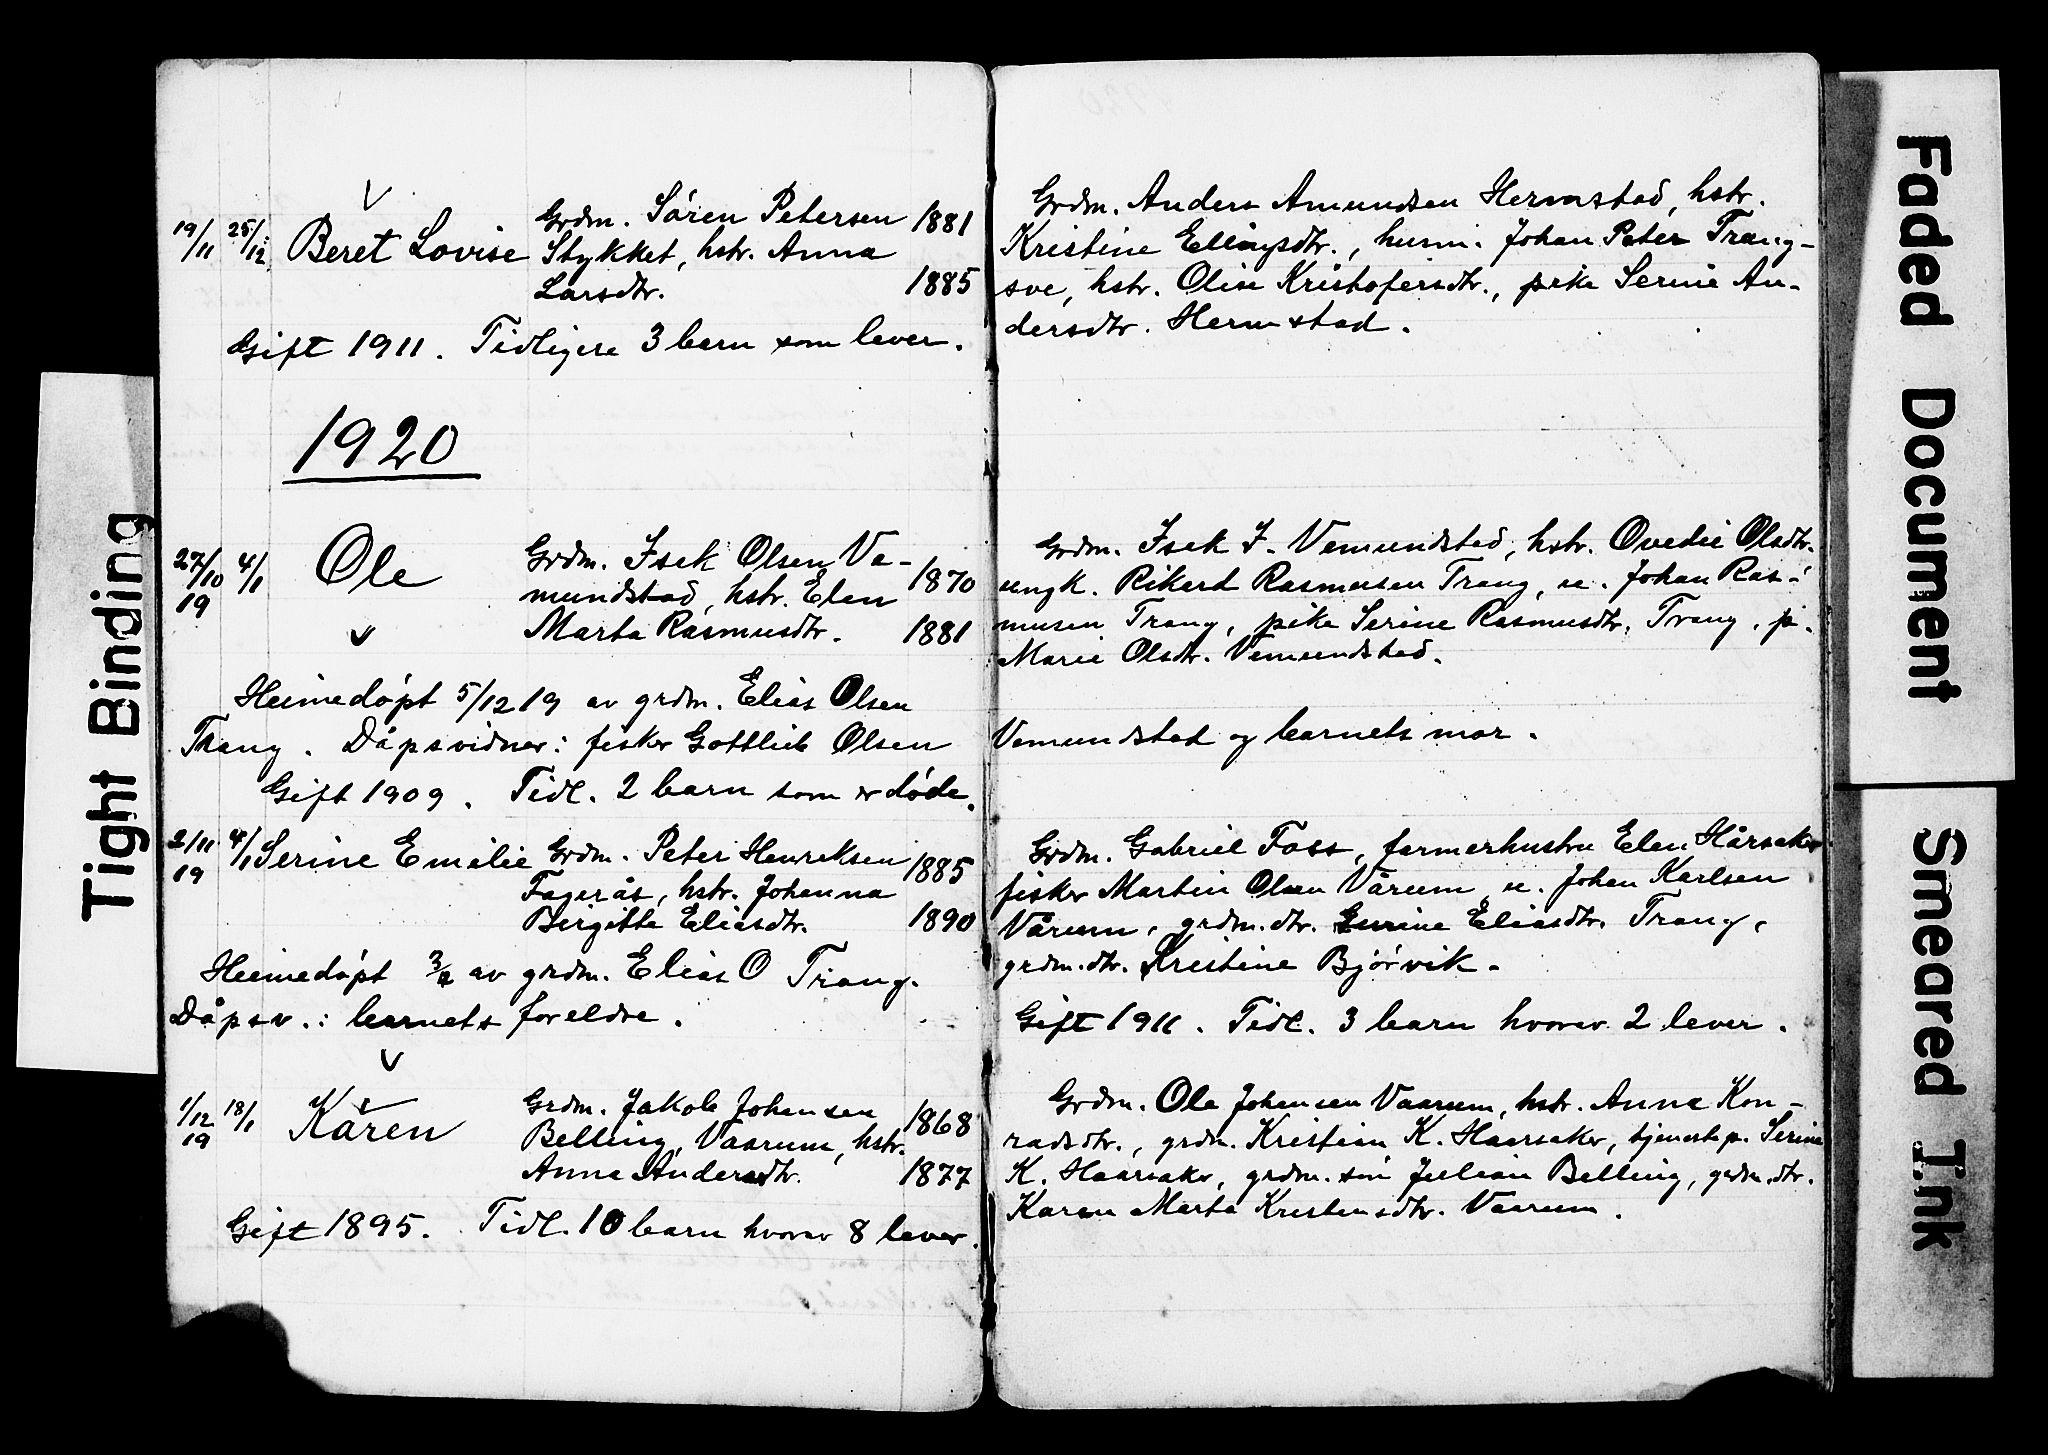 SAT, Ministerialprotokoller, klokkerbøker og fødselsregistre - Sør-Trøndelag, 646/L0631: Klokkerbok nr. 646C04, 1917-1930